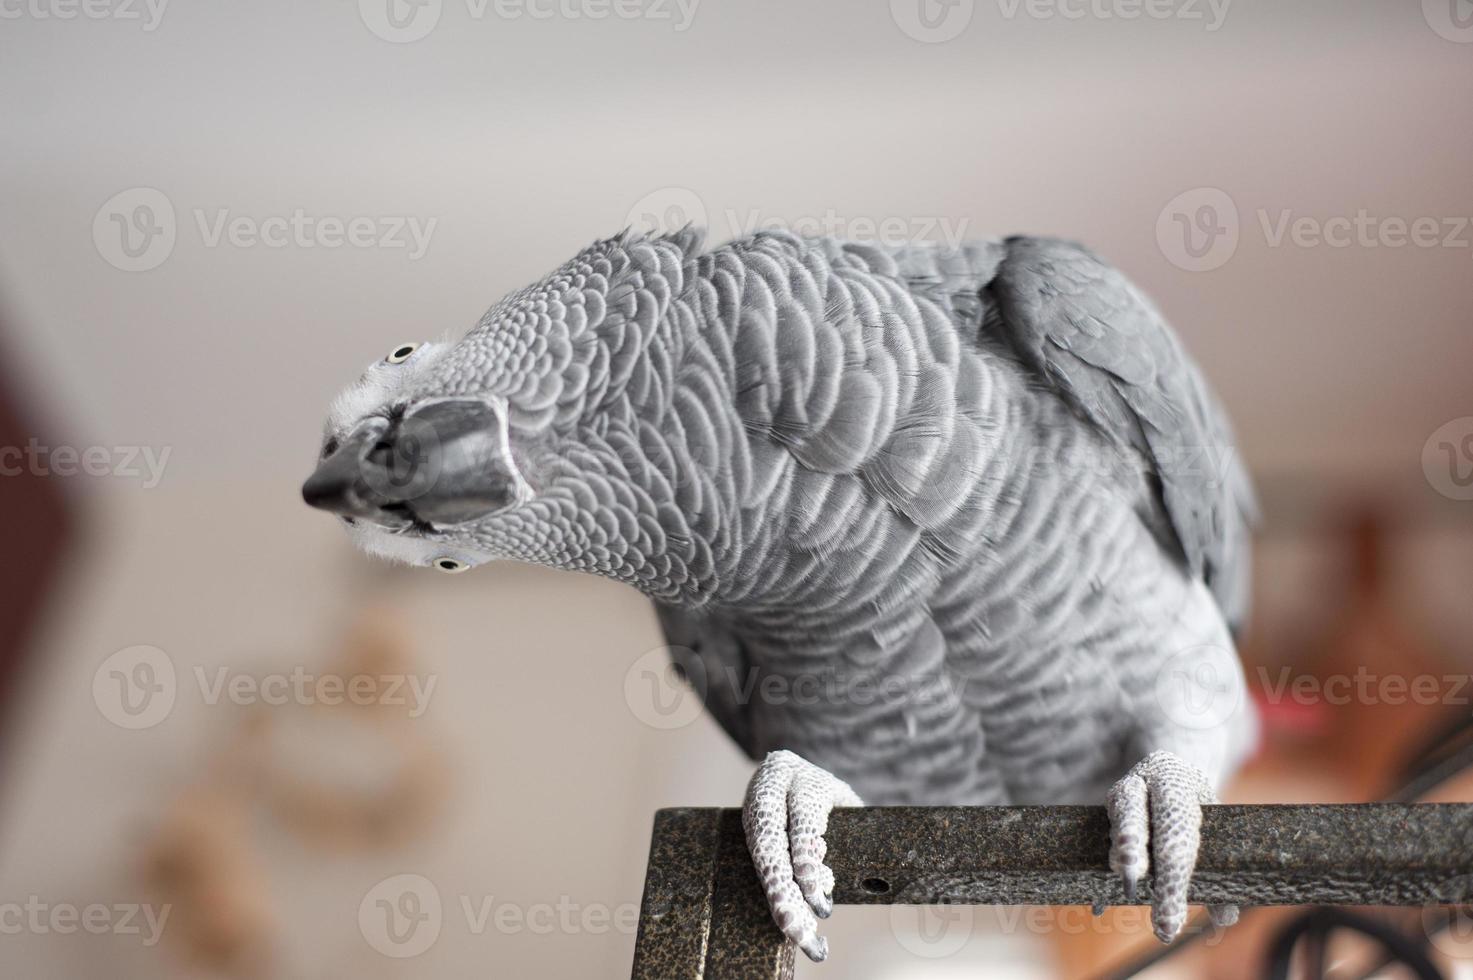 papagaio cinzento africano curioso foto